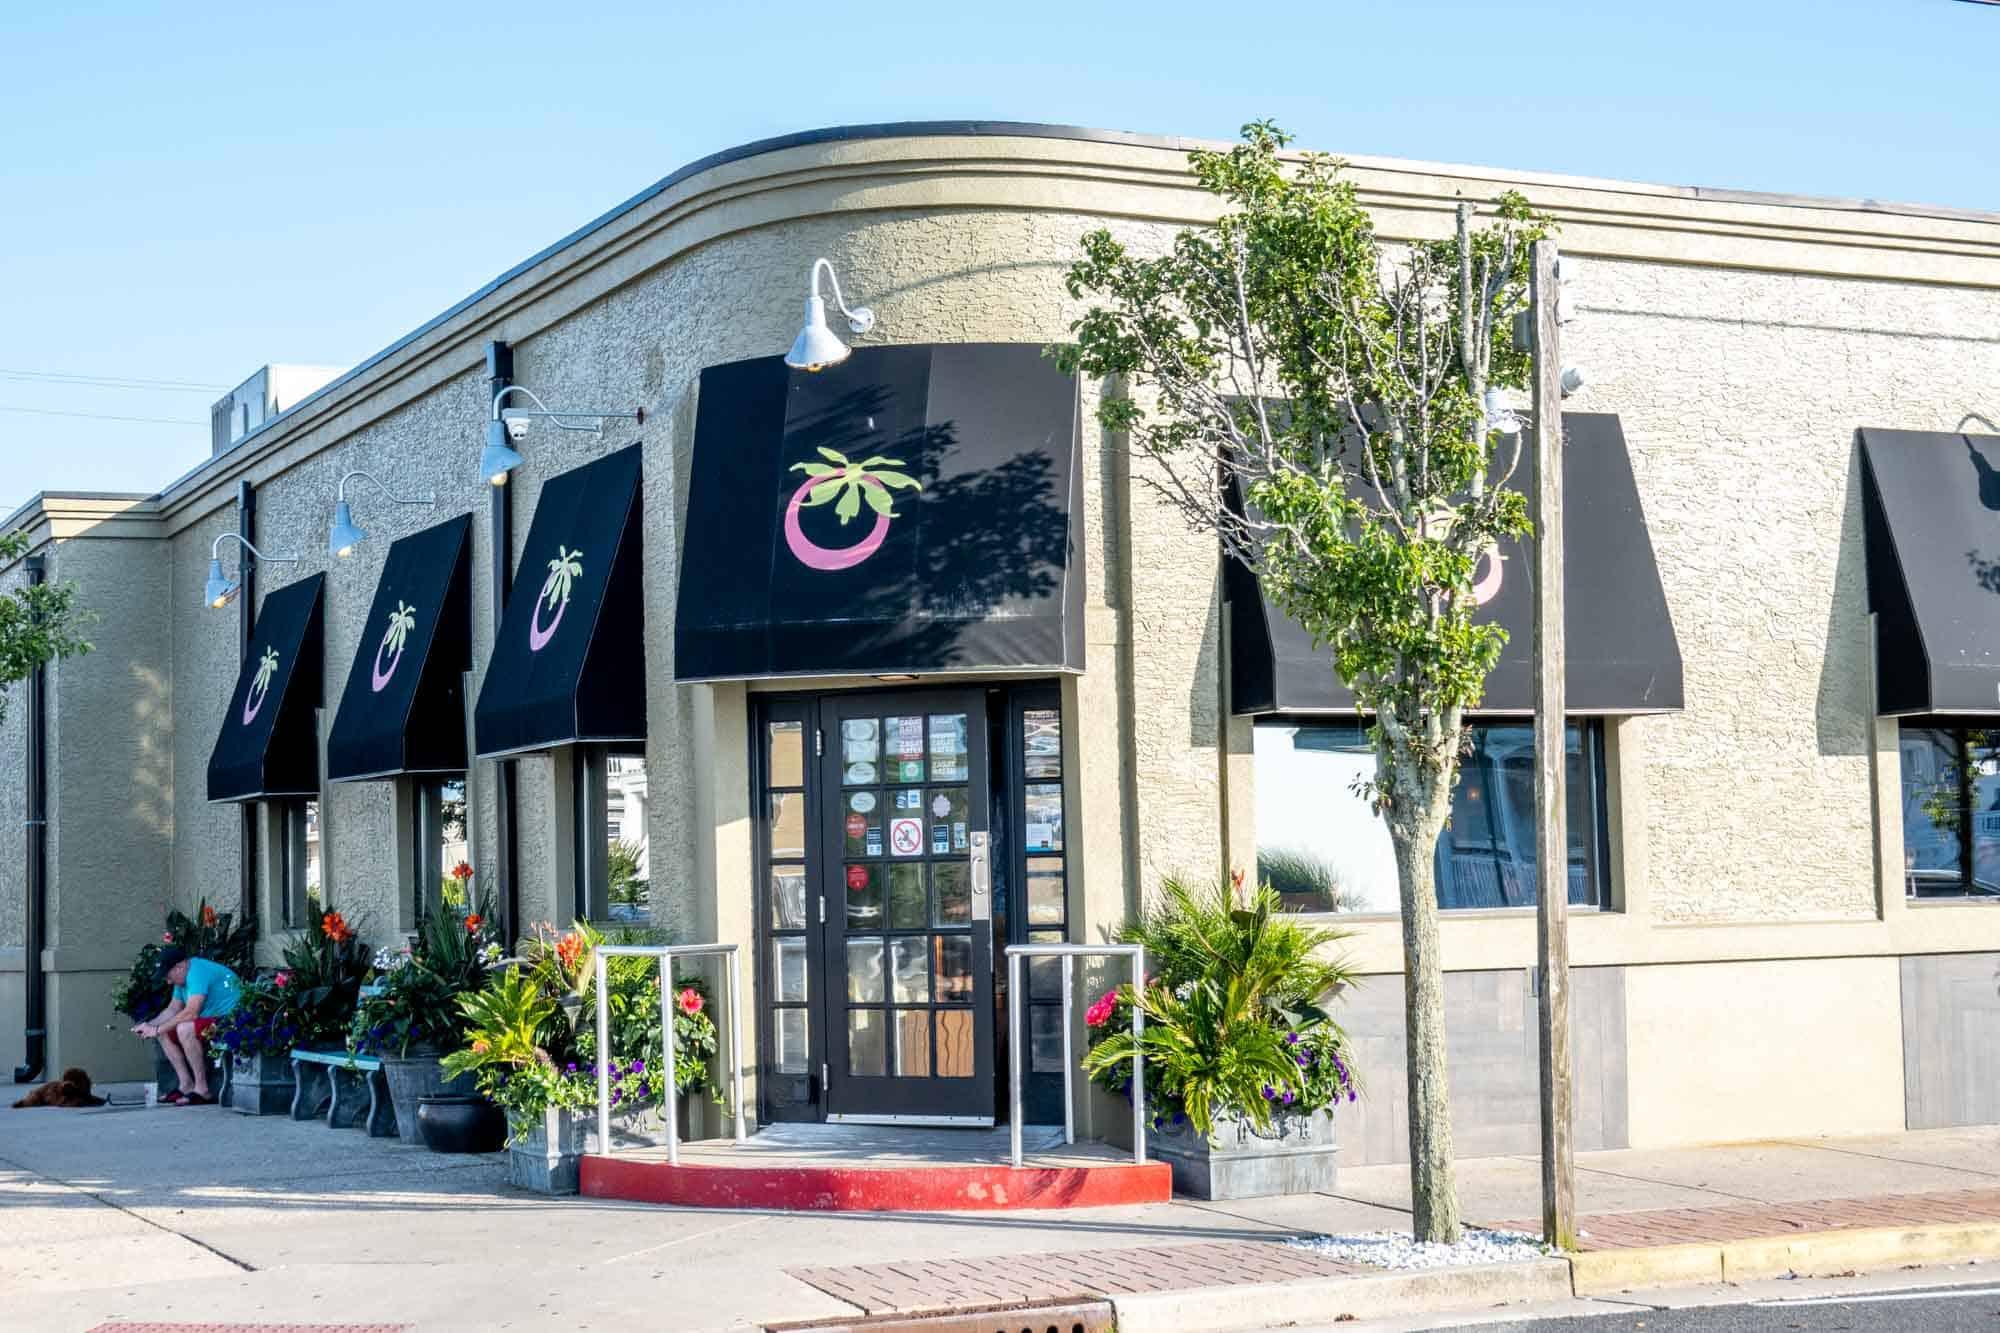 Exterior of Tomatoe's restaurant in Margate NJ